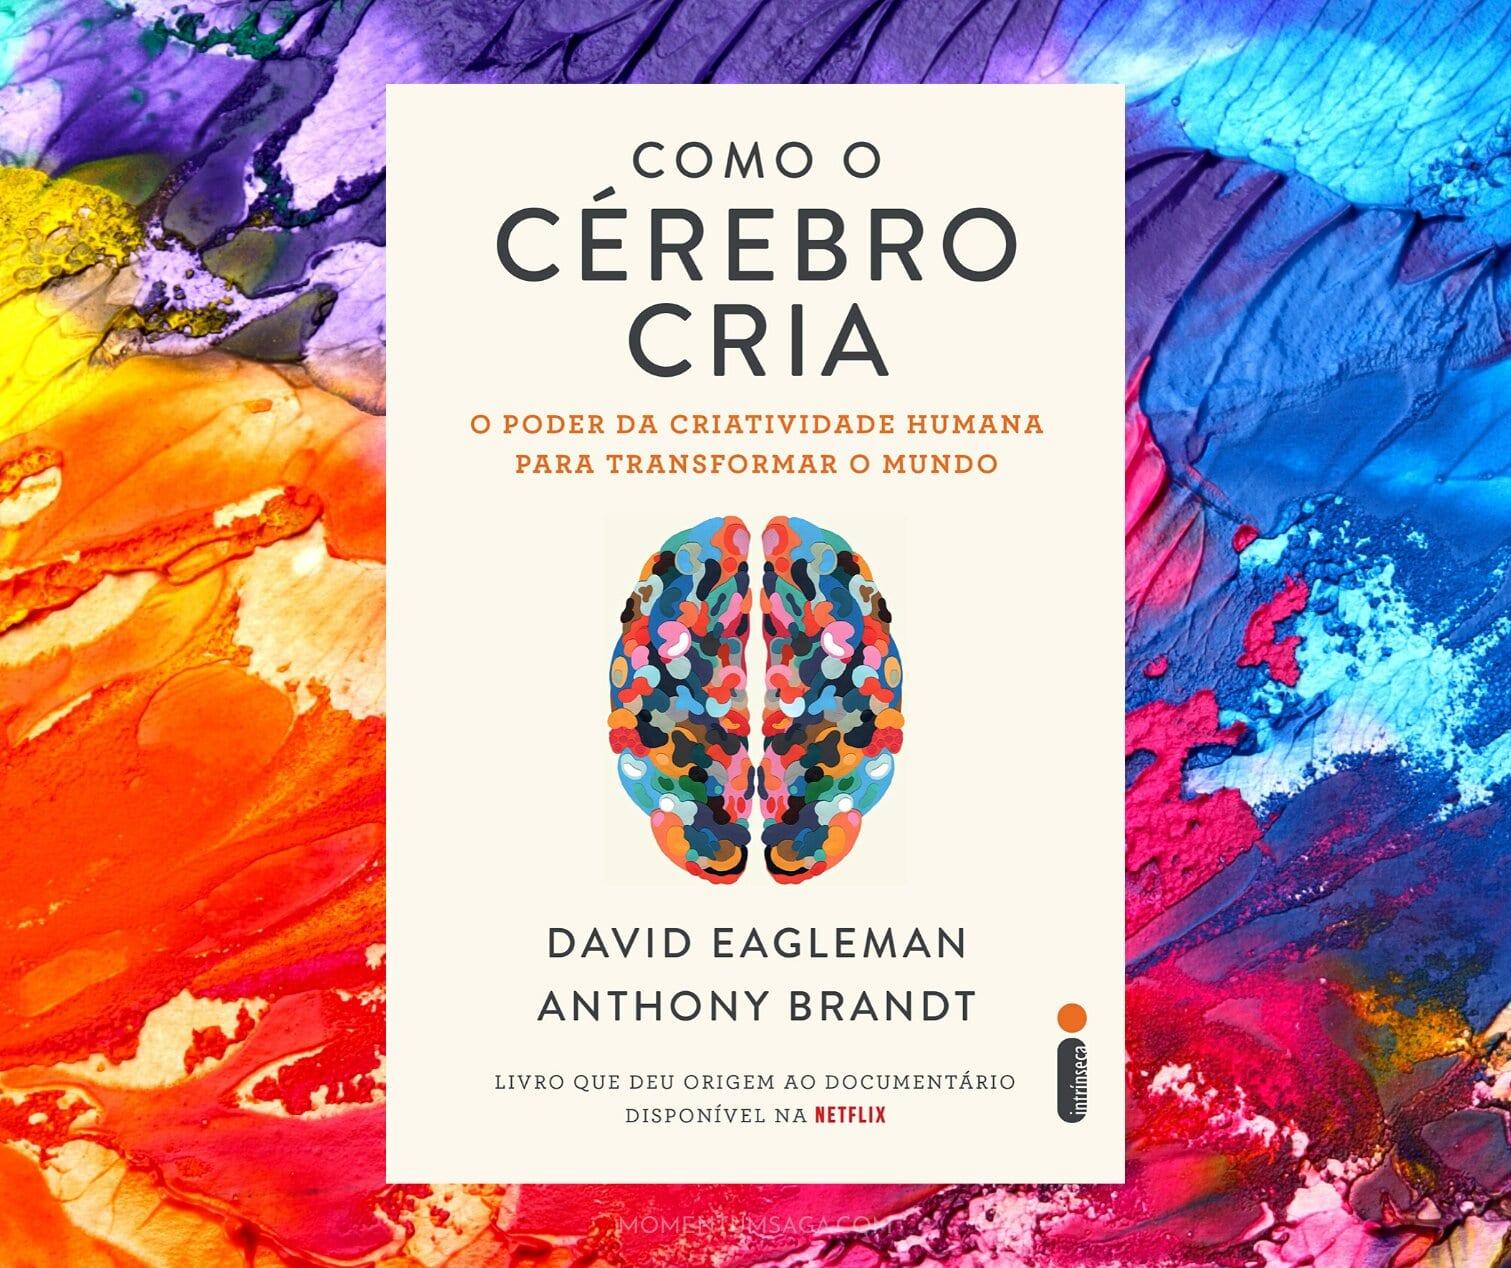 Resenha: Como o cérebro cria, de David Eagleman e Anthony Brandt